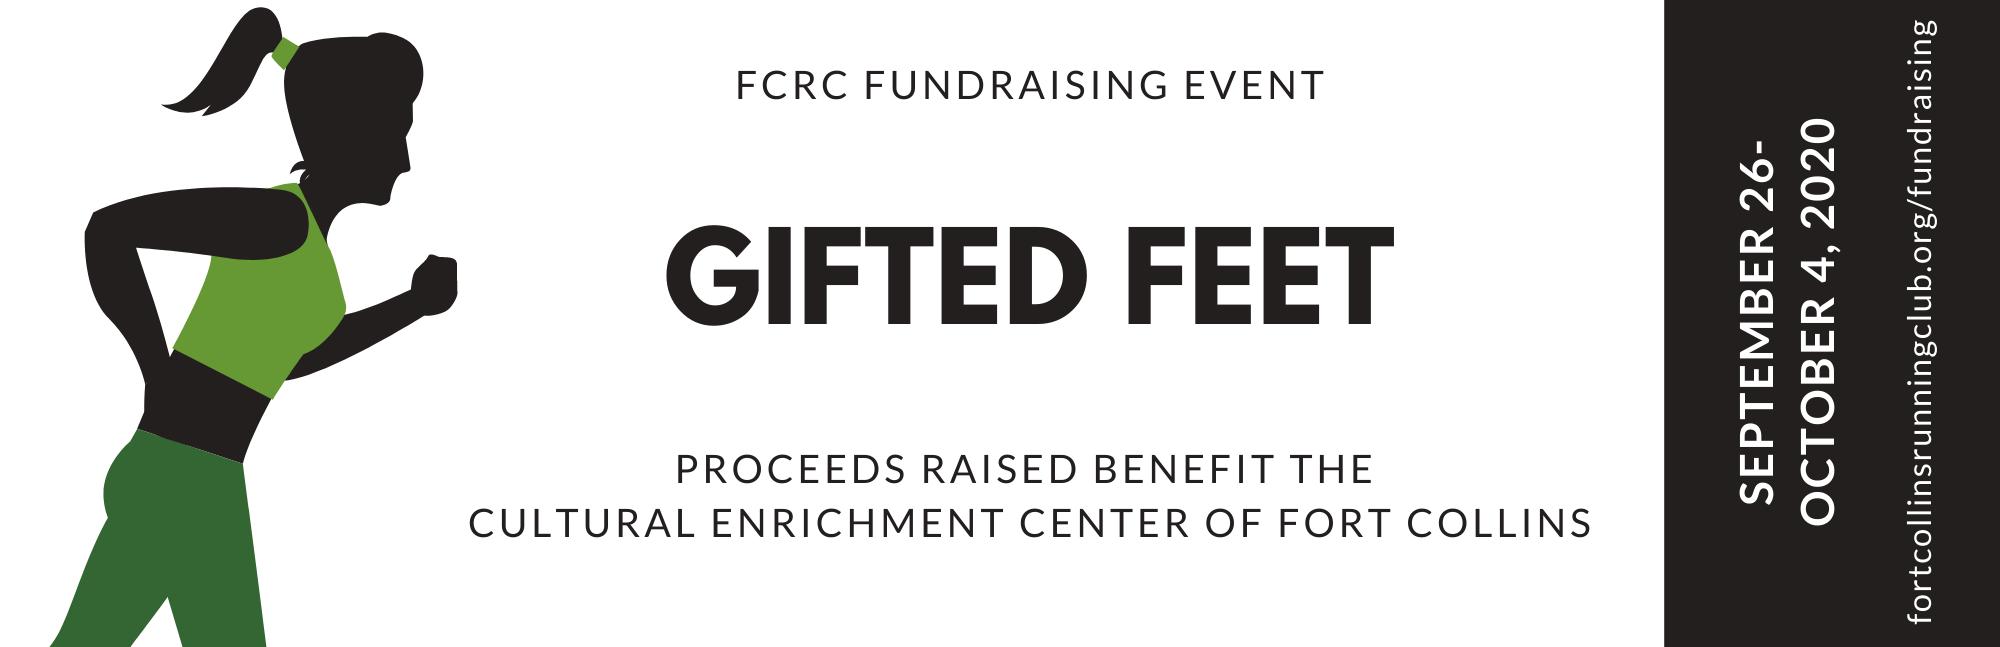 FCRC Fundraising  Event